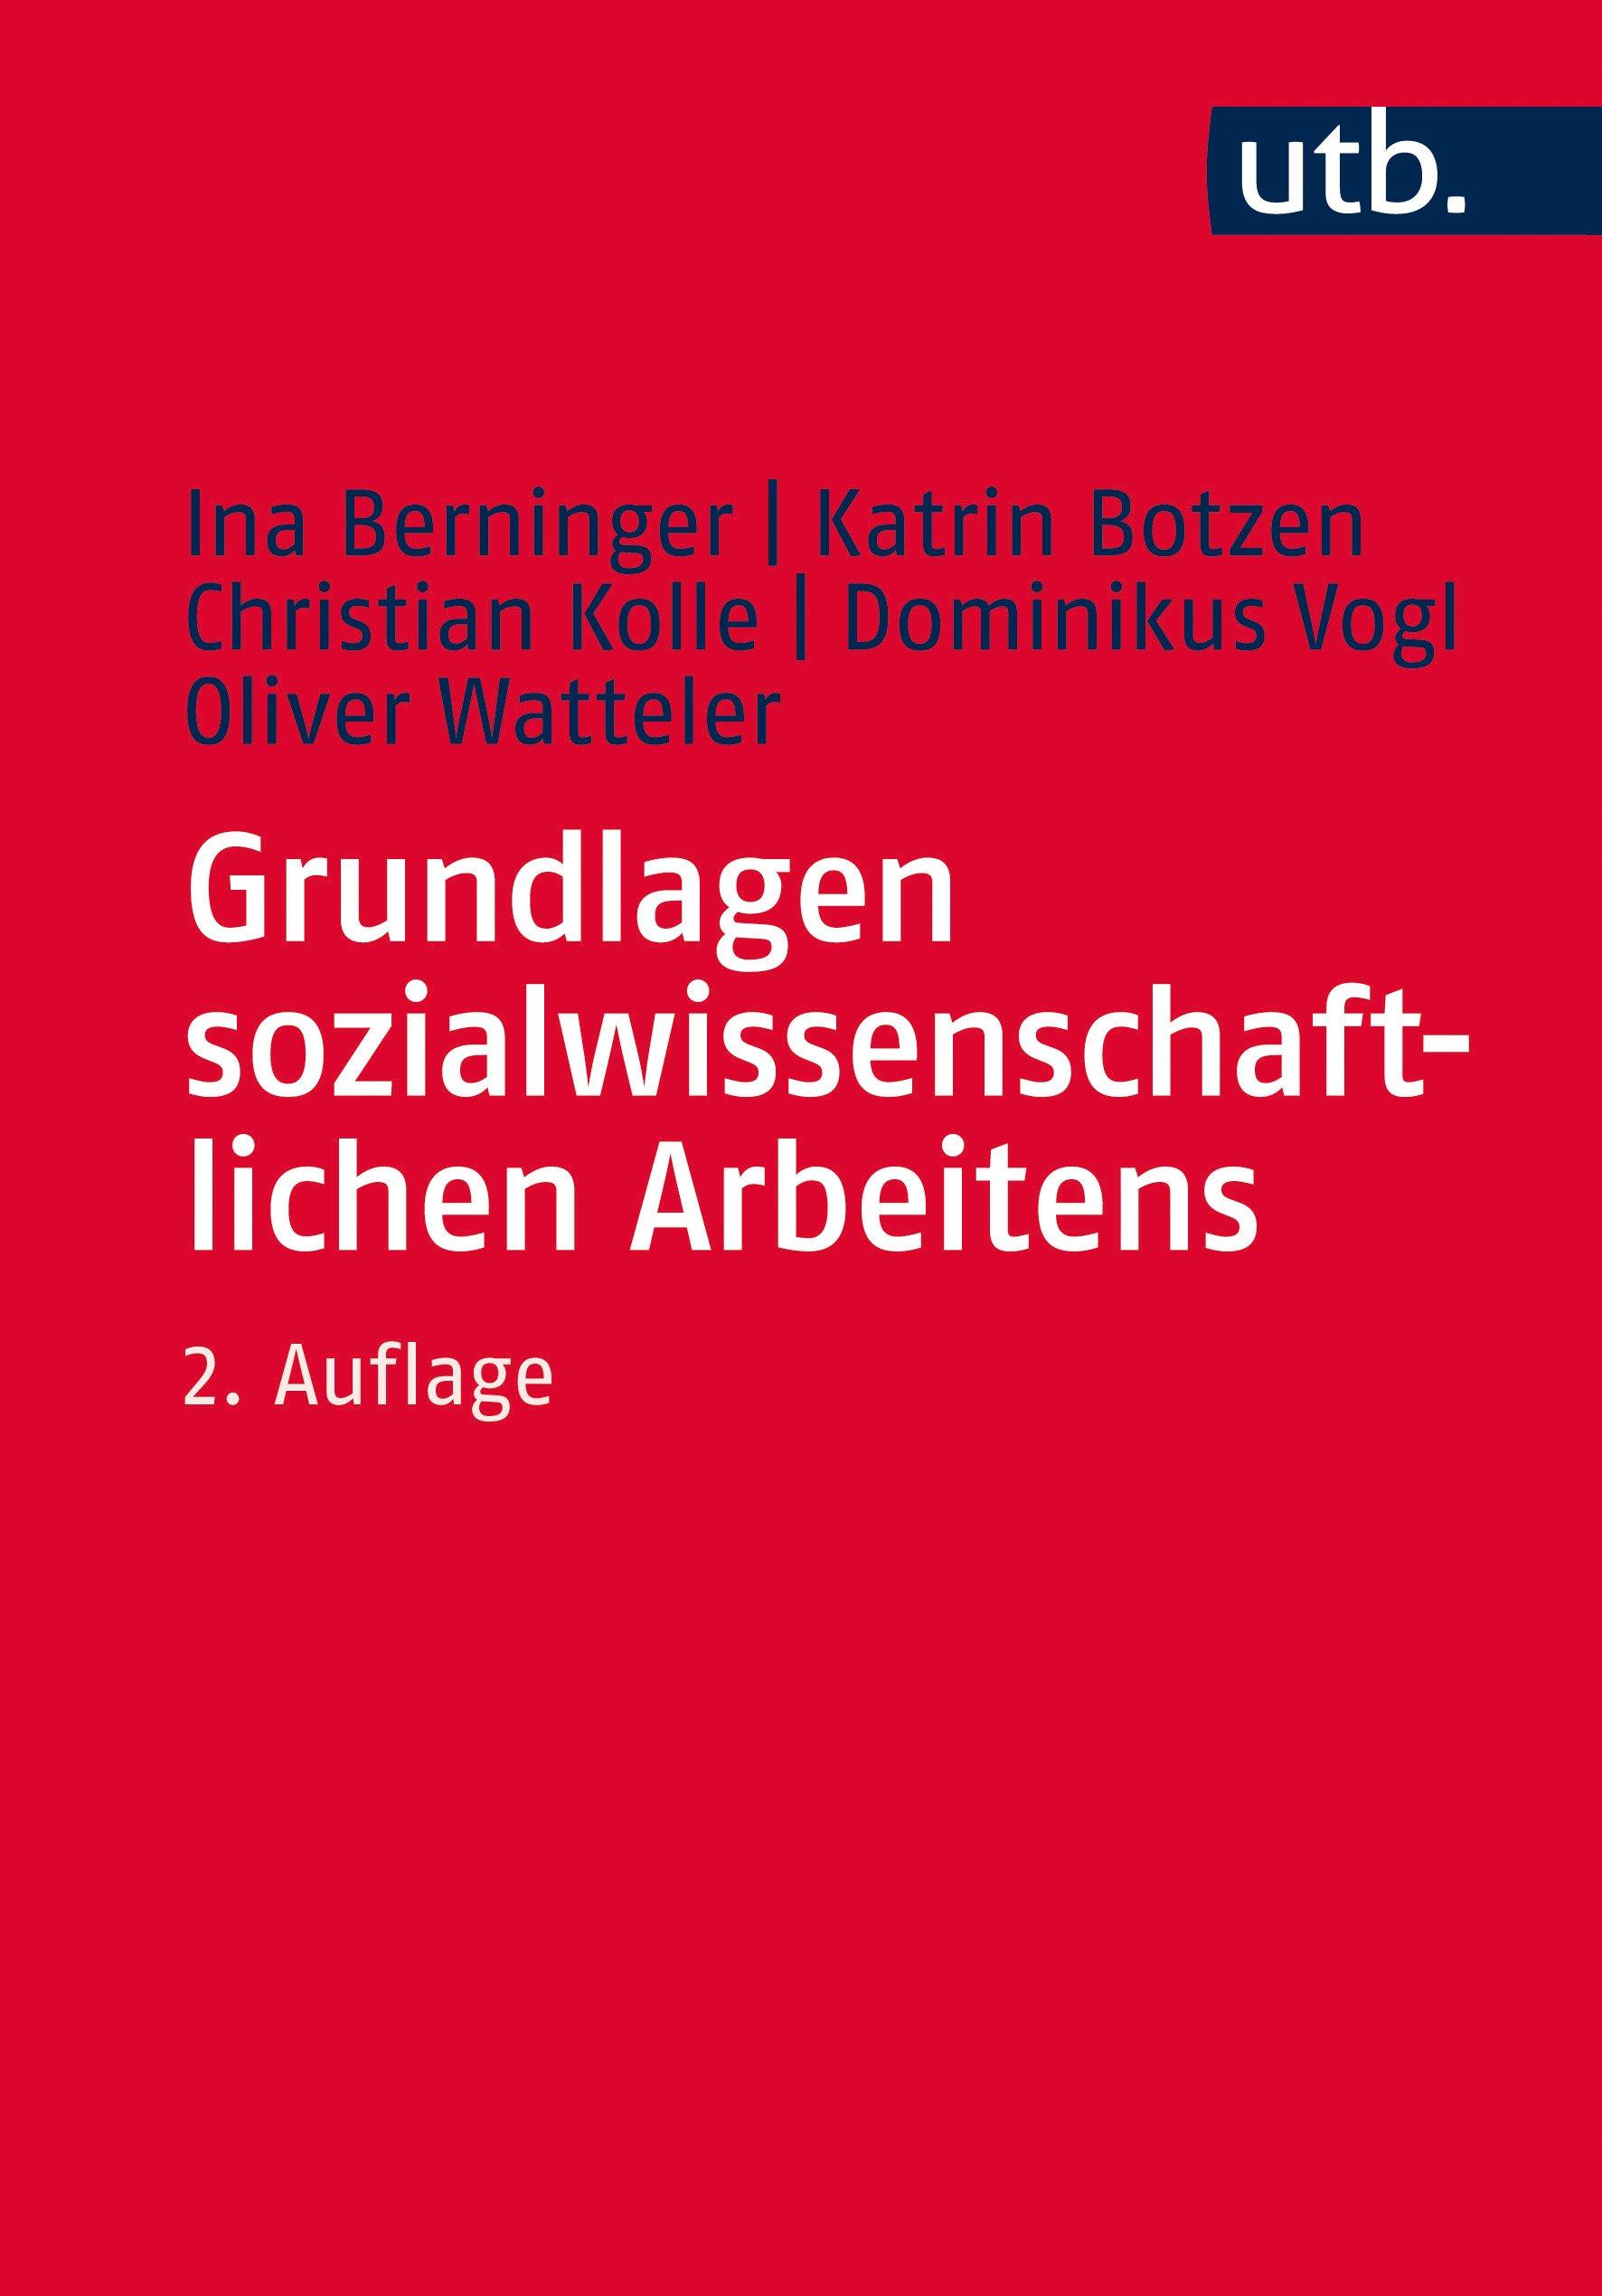 Grundlagen sozialwissenschaftlichen Arbeitens: Eine anwendungsorientierte Einführung Taschenbuch – 13. Februar 2017 Ina Berninger Katrin Botzen Christian Kolle Dominikus Vogl